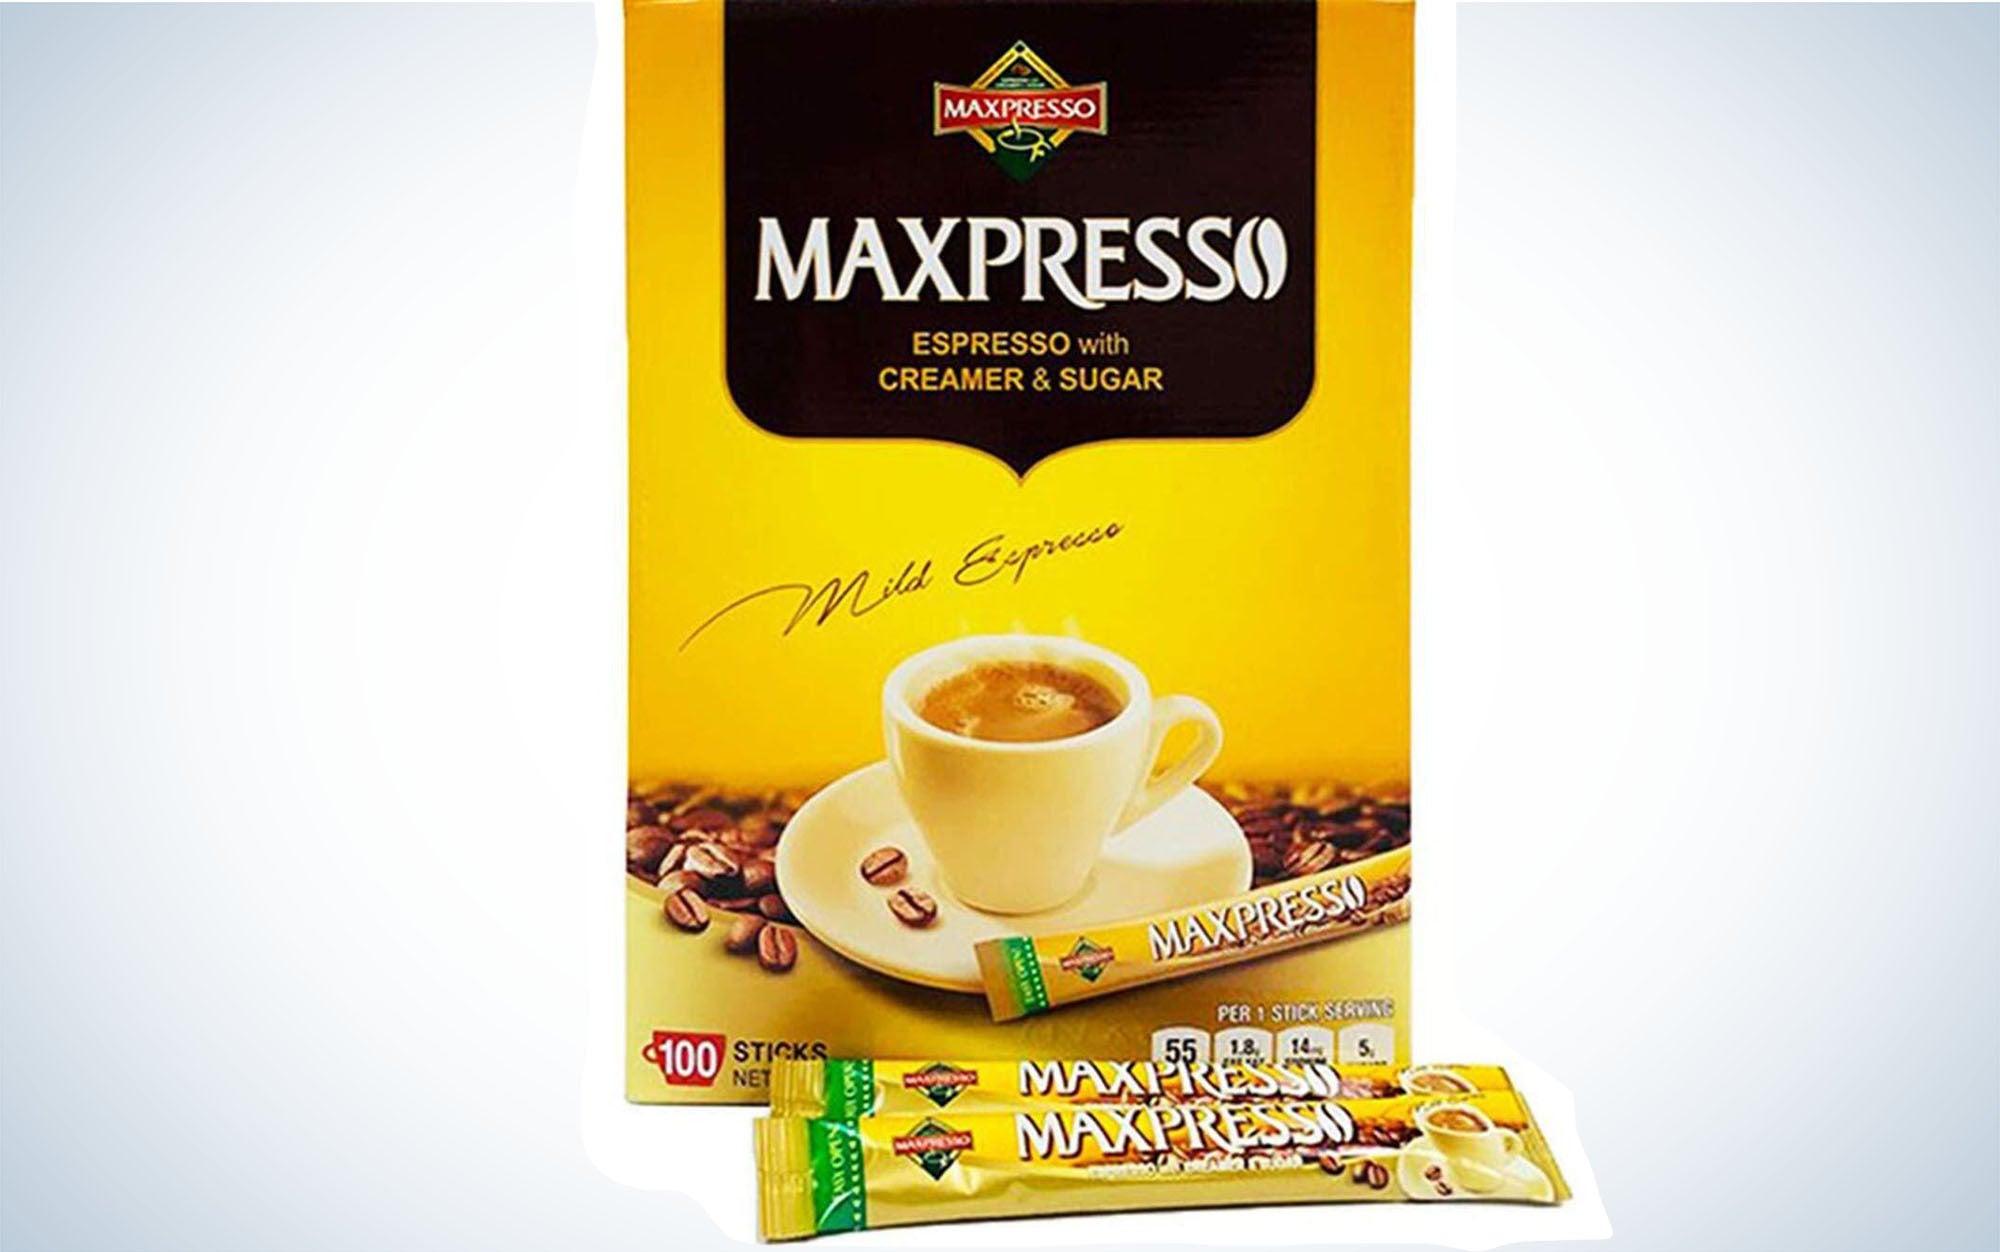 Maxpresso Instant Coffee